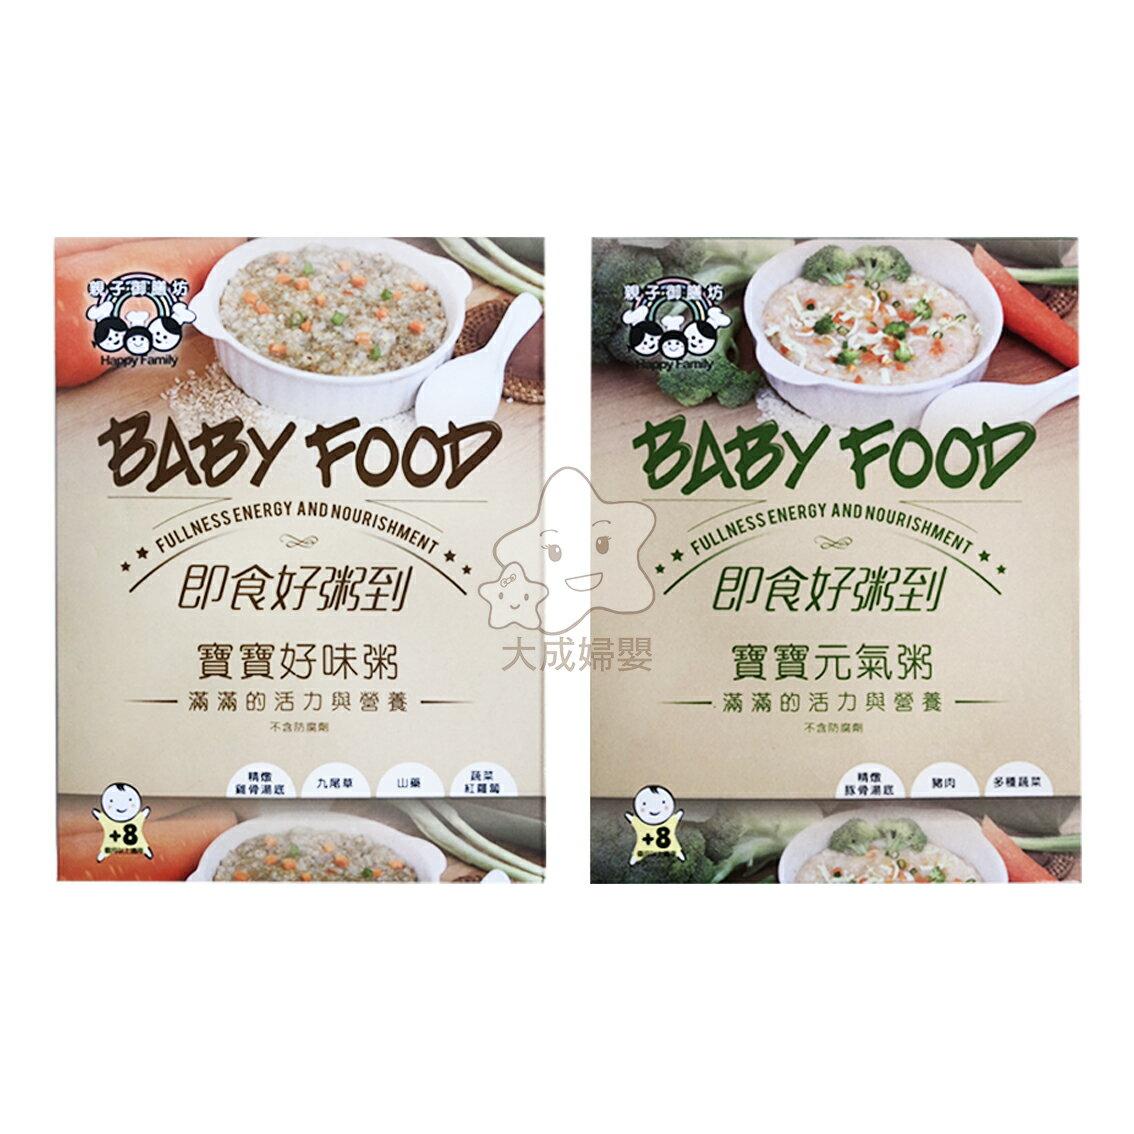 【大成婦嬰】親子御膳坊 寶寶即食好粥到系列 (6個月以上適用) 嬰幼兒副食品 / 買六送一(贈送隨機) 1